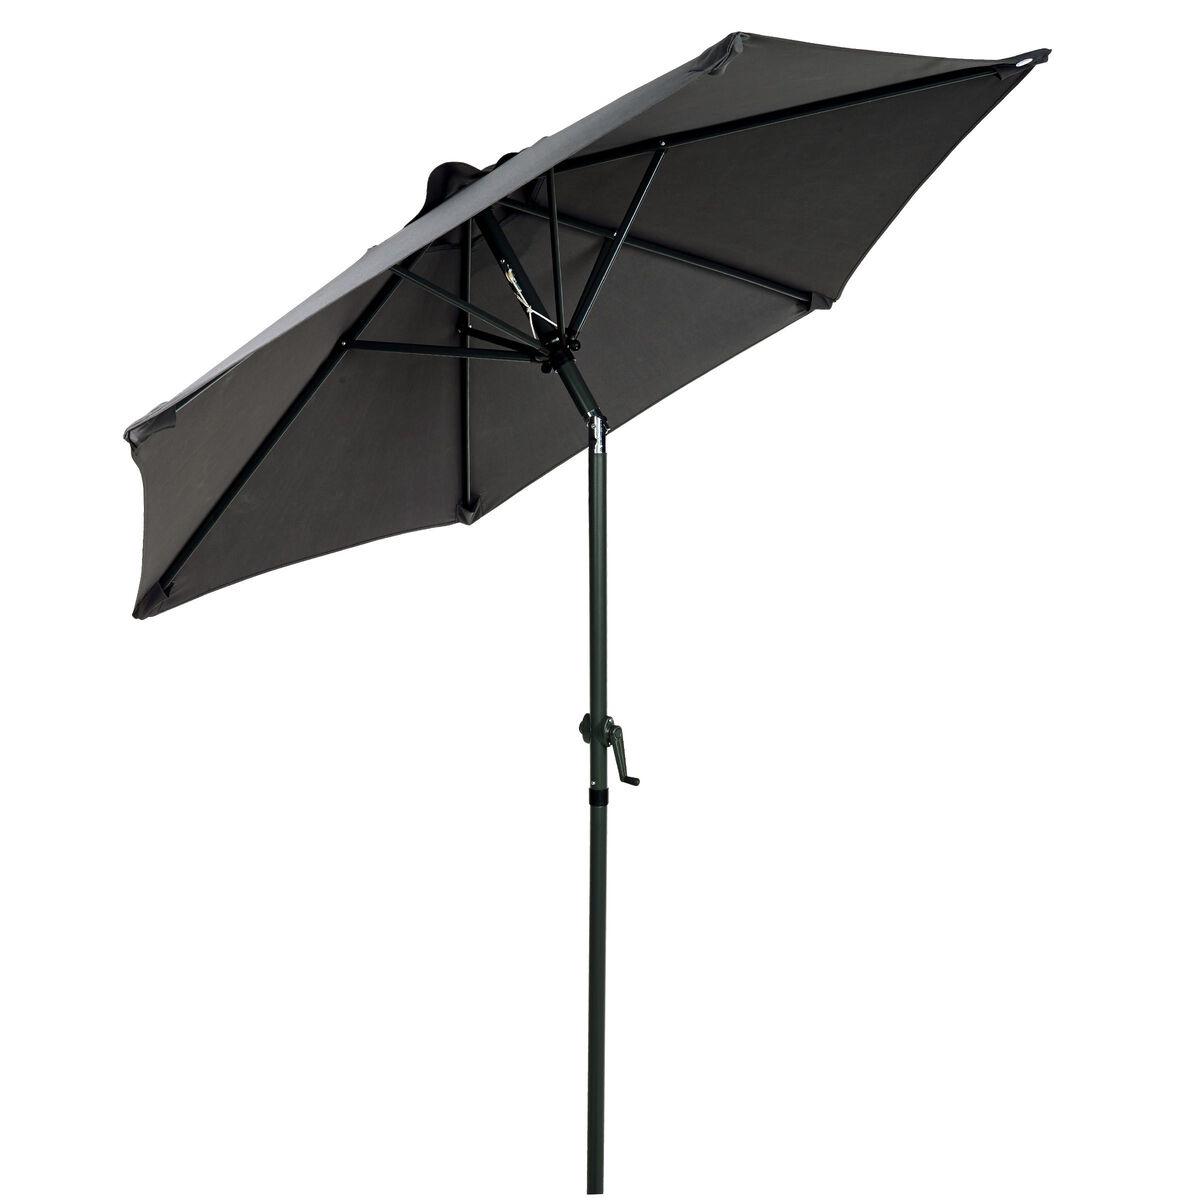 SIESTA Sonnenschirm anthrazit Ø 1,8 m